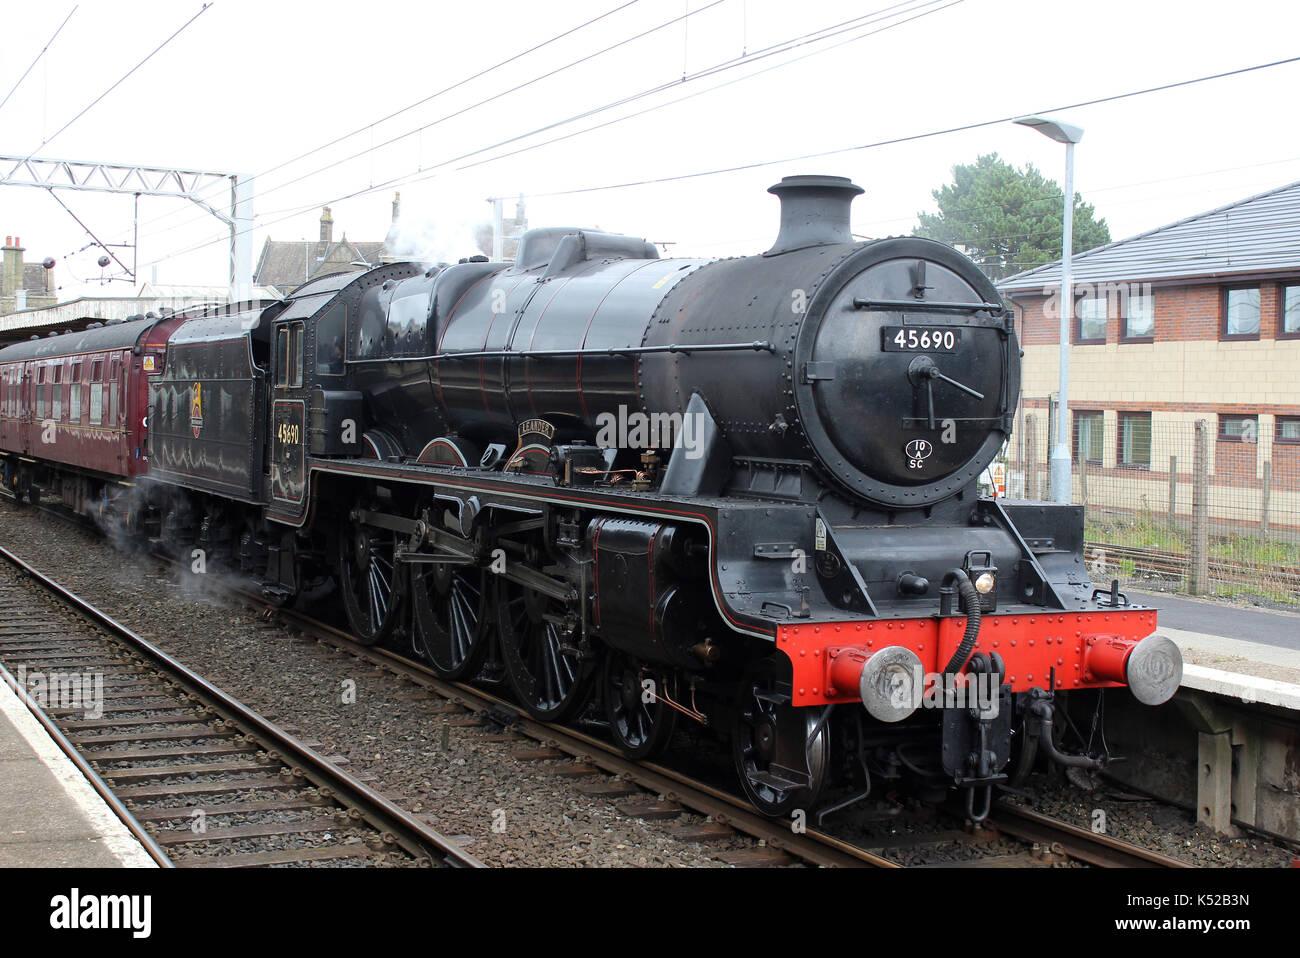 jubilee-class-steam-locomotive-number-45690-named-leander-in-carnforth-K52B3N.jpg